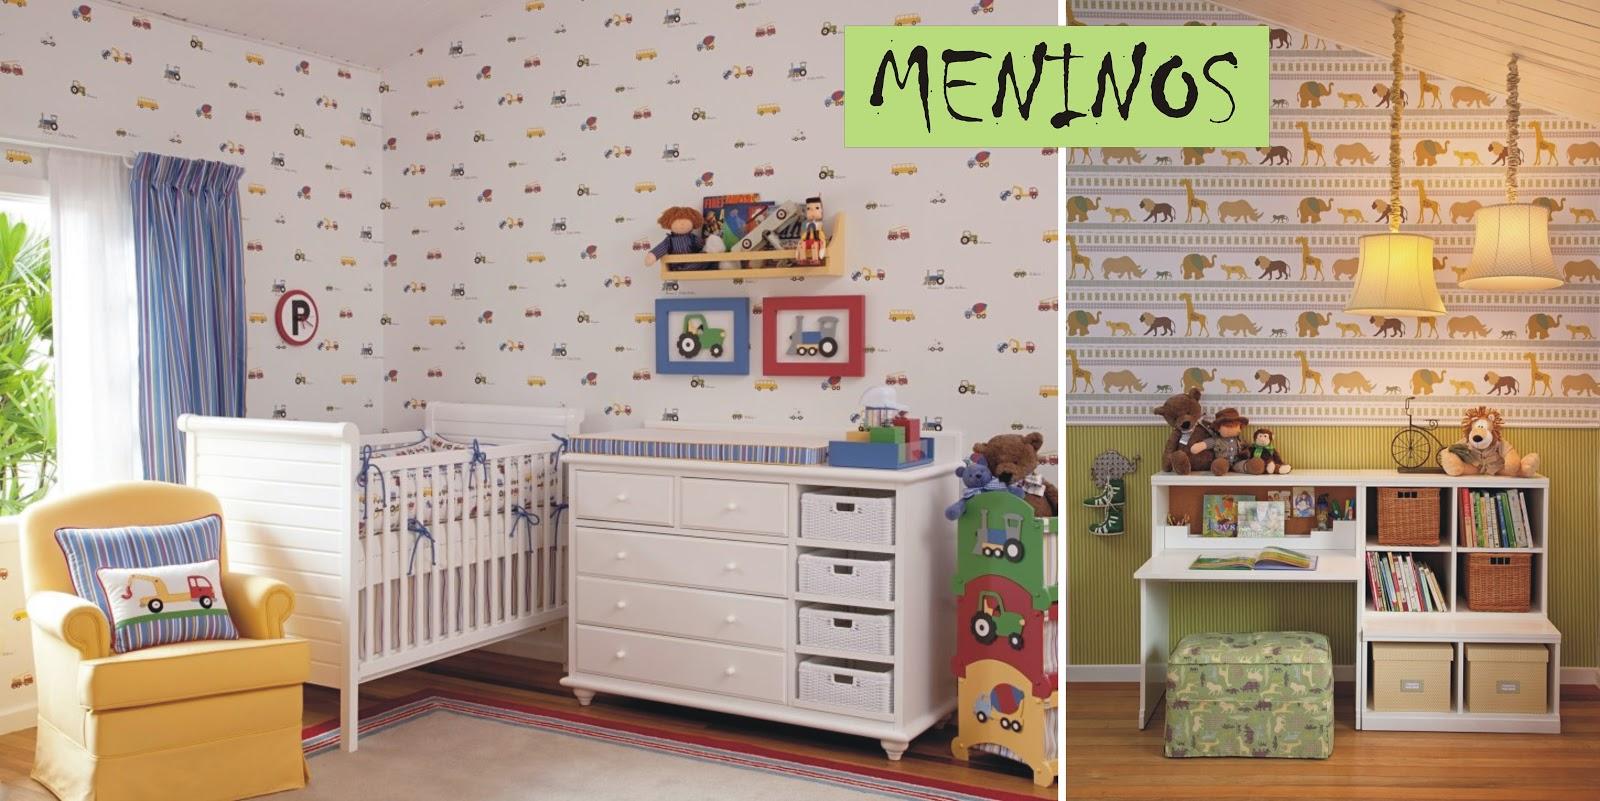 Espa o casa e moda quarto infantil papel de parede - Papel de pared infantil ...